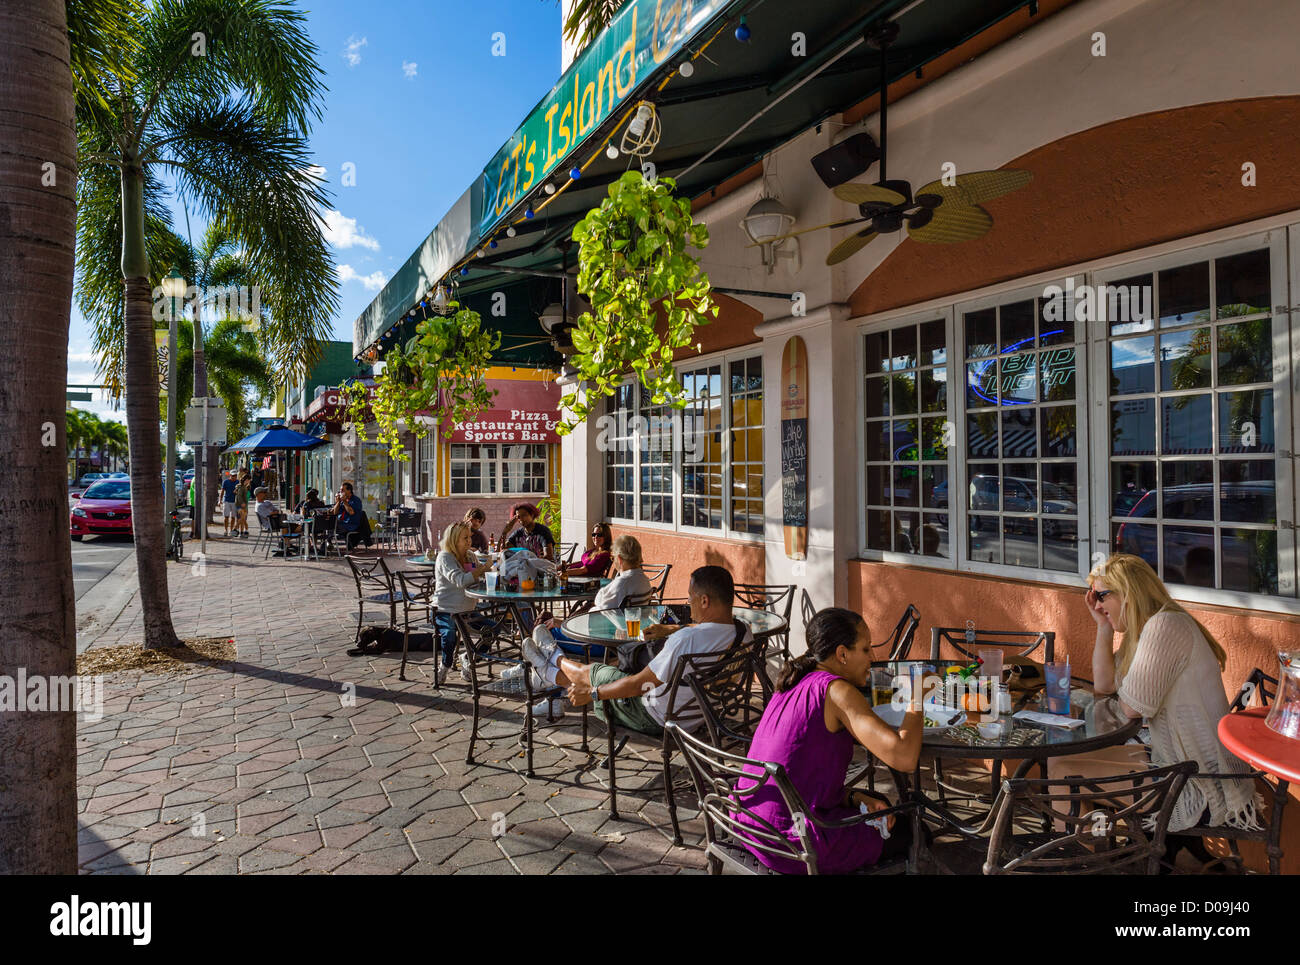 Restaurant trottoir sur l'Avenue du Lac au centre-ville historique de Lake Worth, Treasure Coast, Florida, USA Banque D'Images